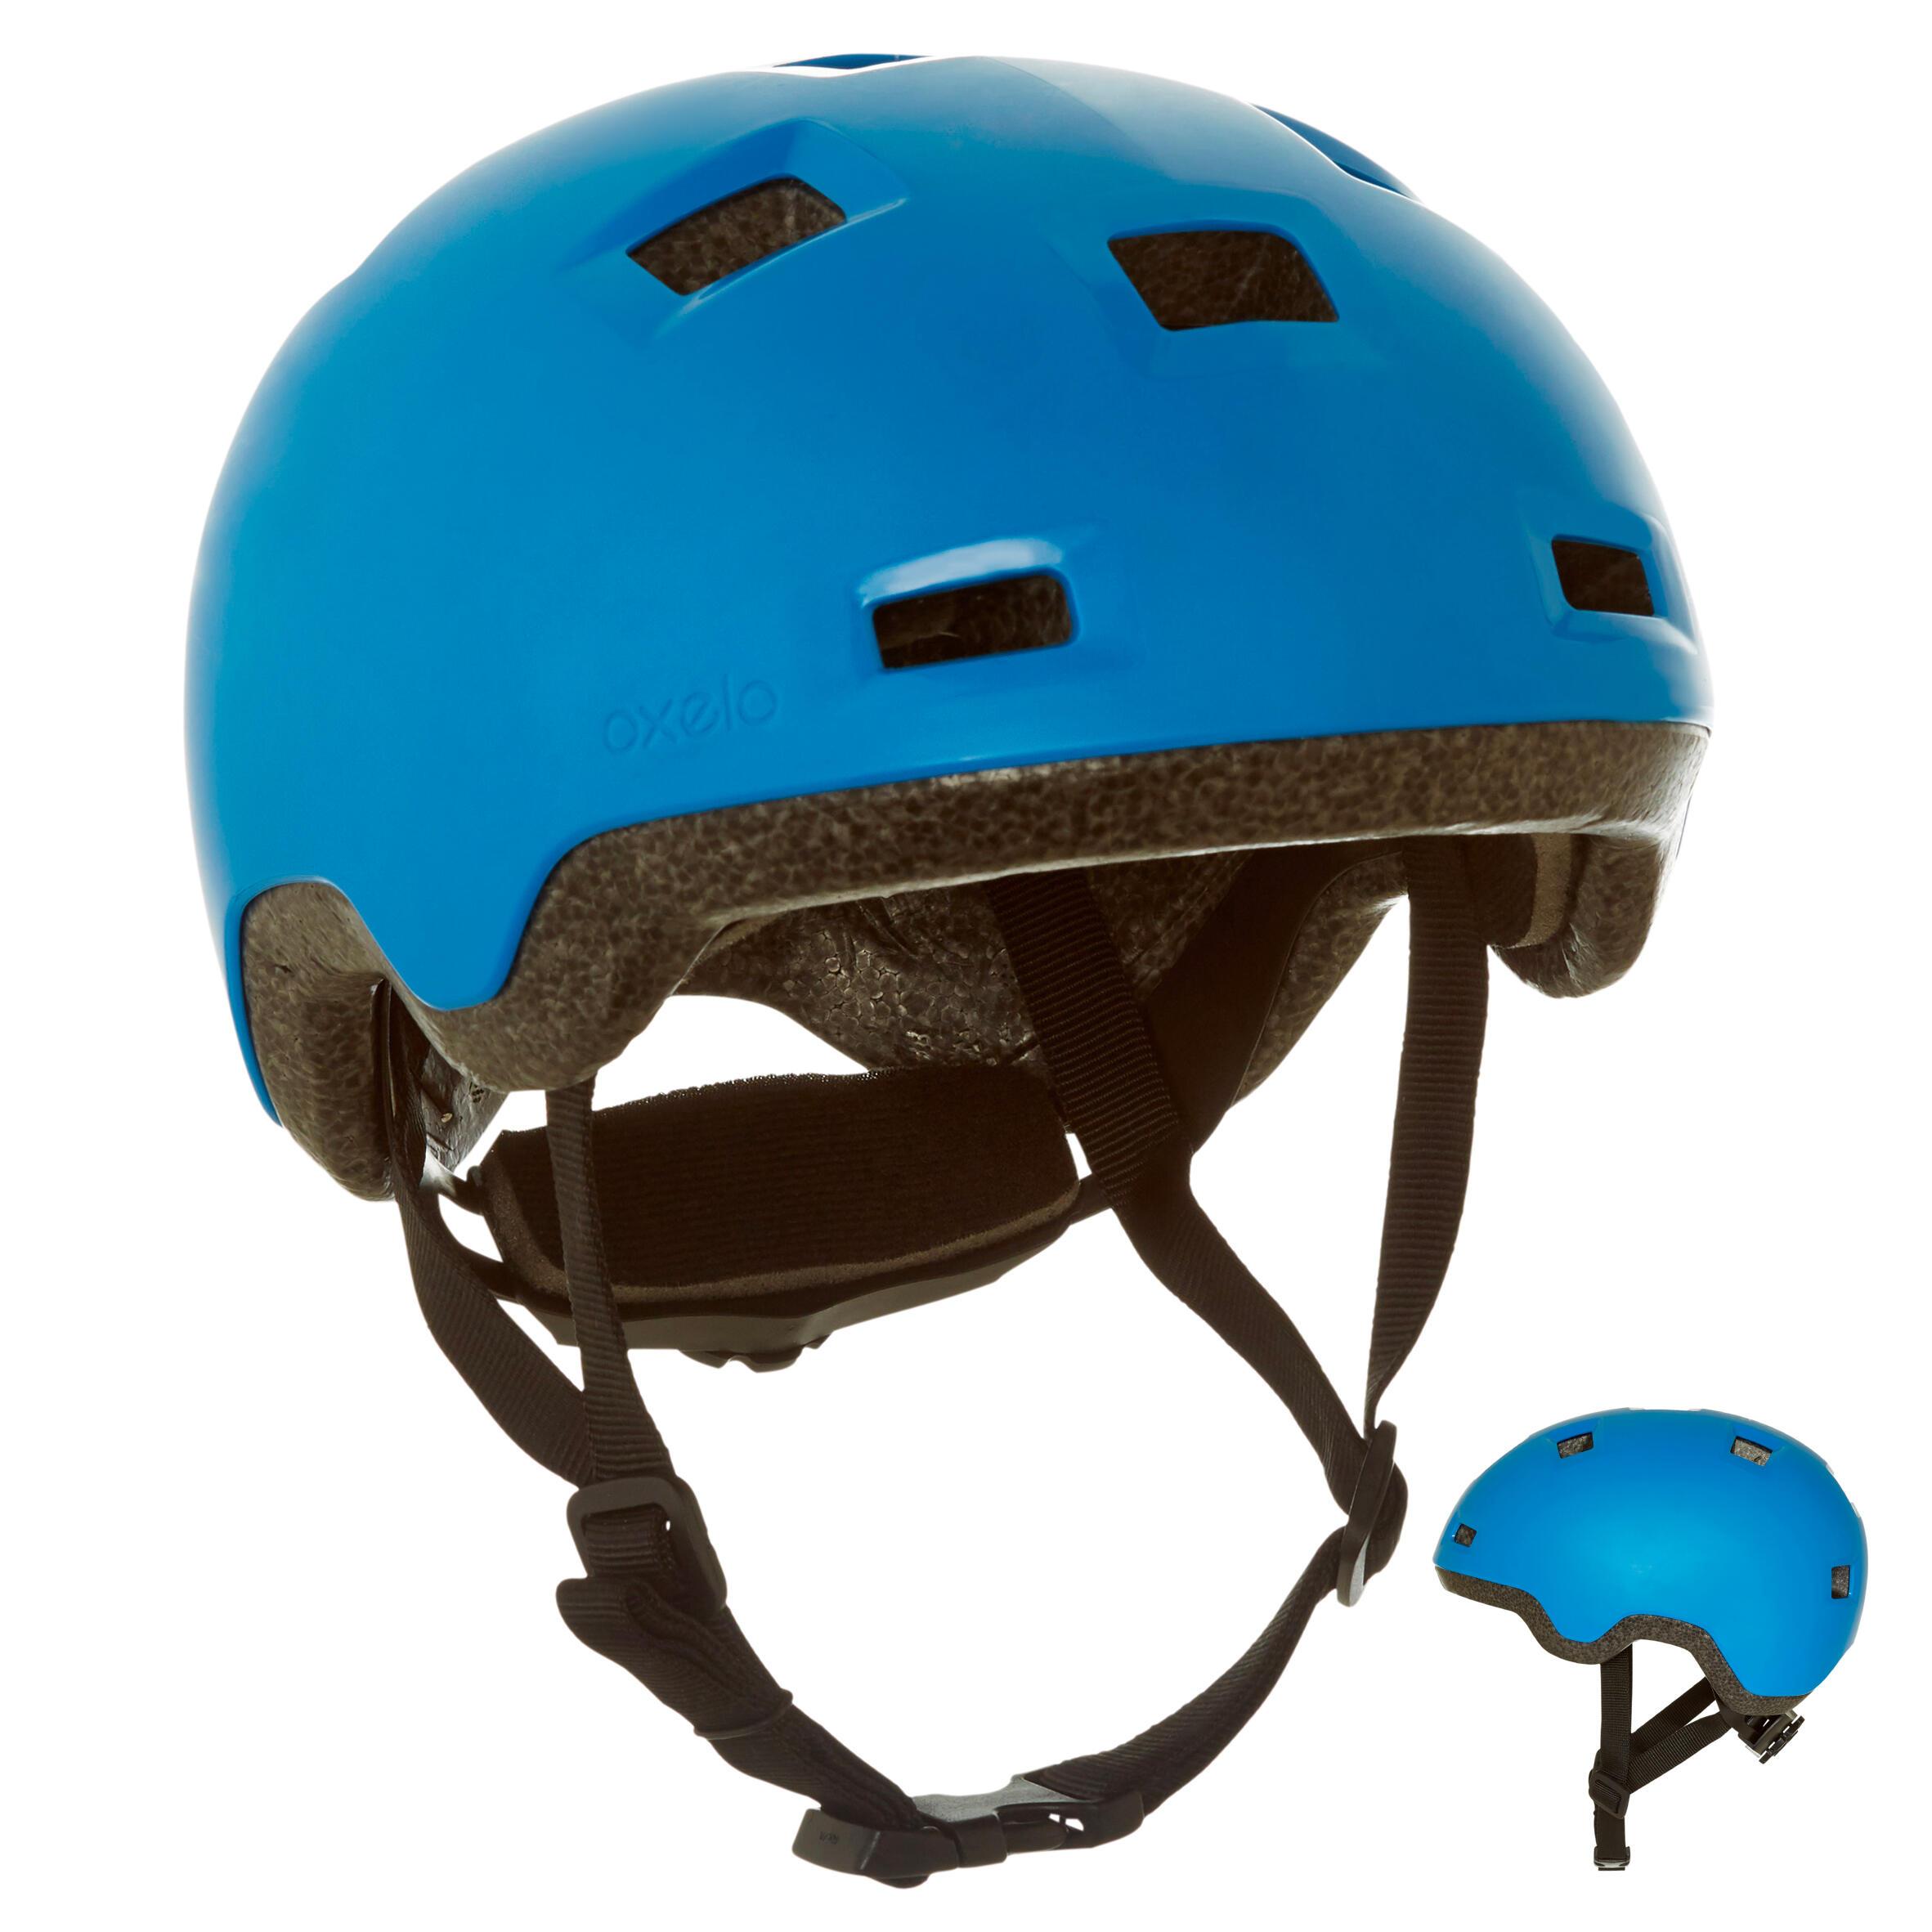 Kids helmet Roller Removable Liner Bike bicycle Skating Scooter helmet Boy Girls